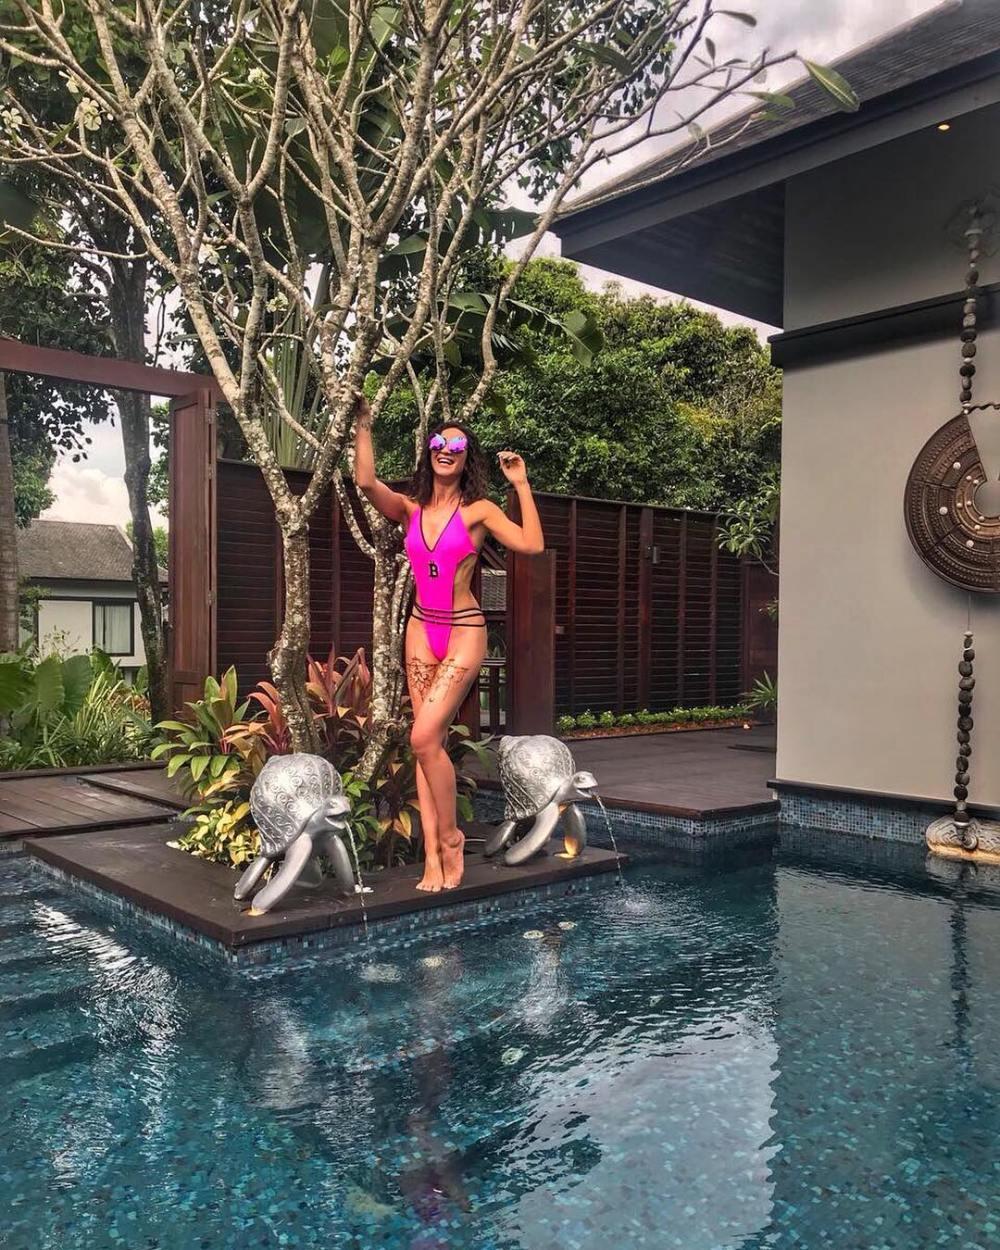 Бузова выгуливает откровенные купальники на отдыхе с известным мужчиной — фото